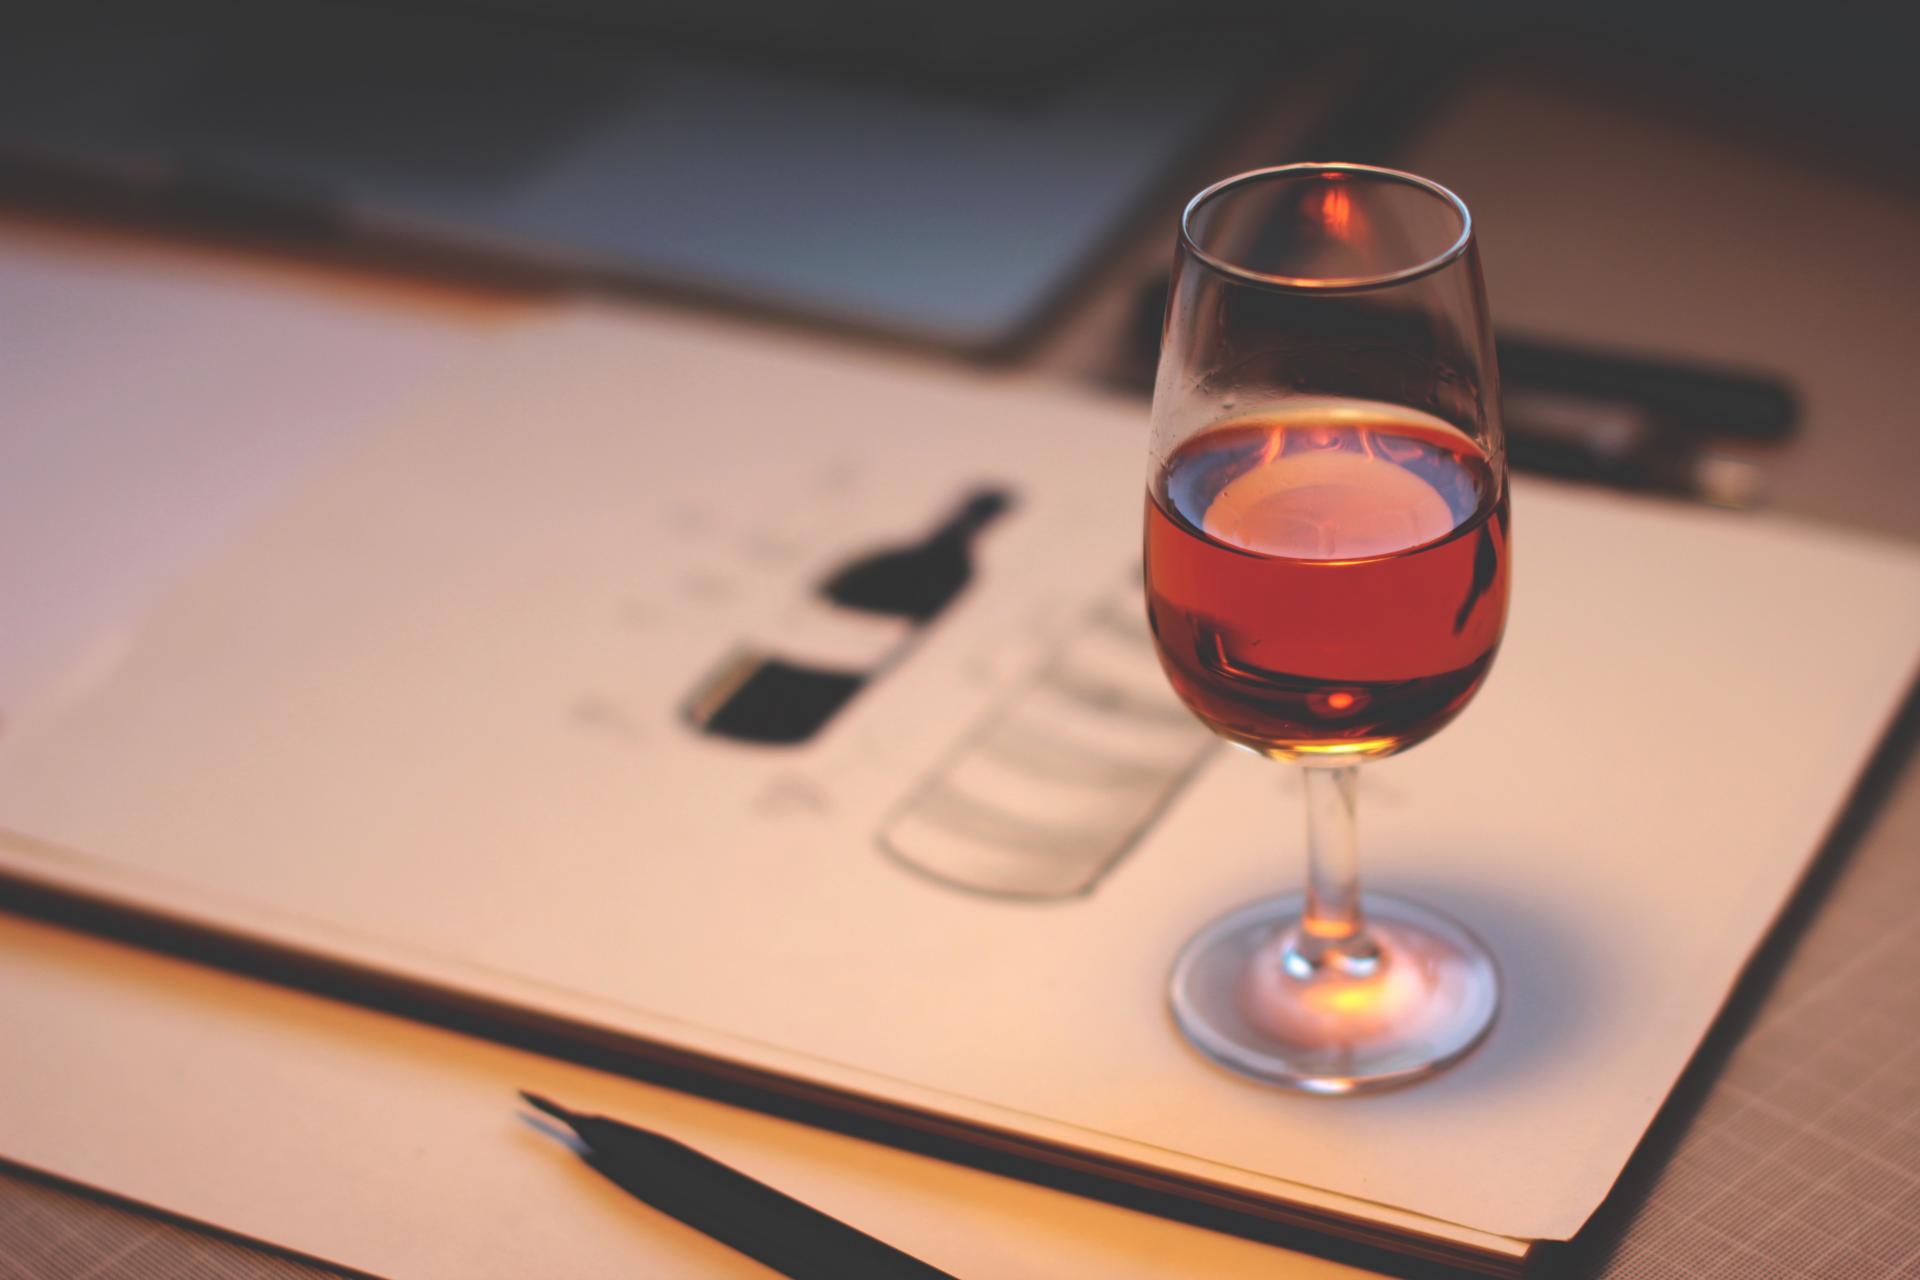 Vinurile pe care le bei spun multe despre personalitatea ta